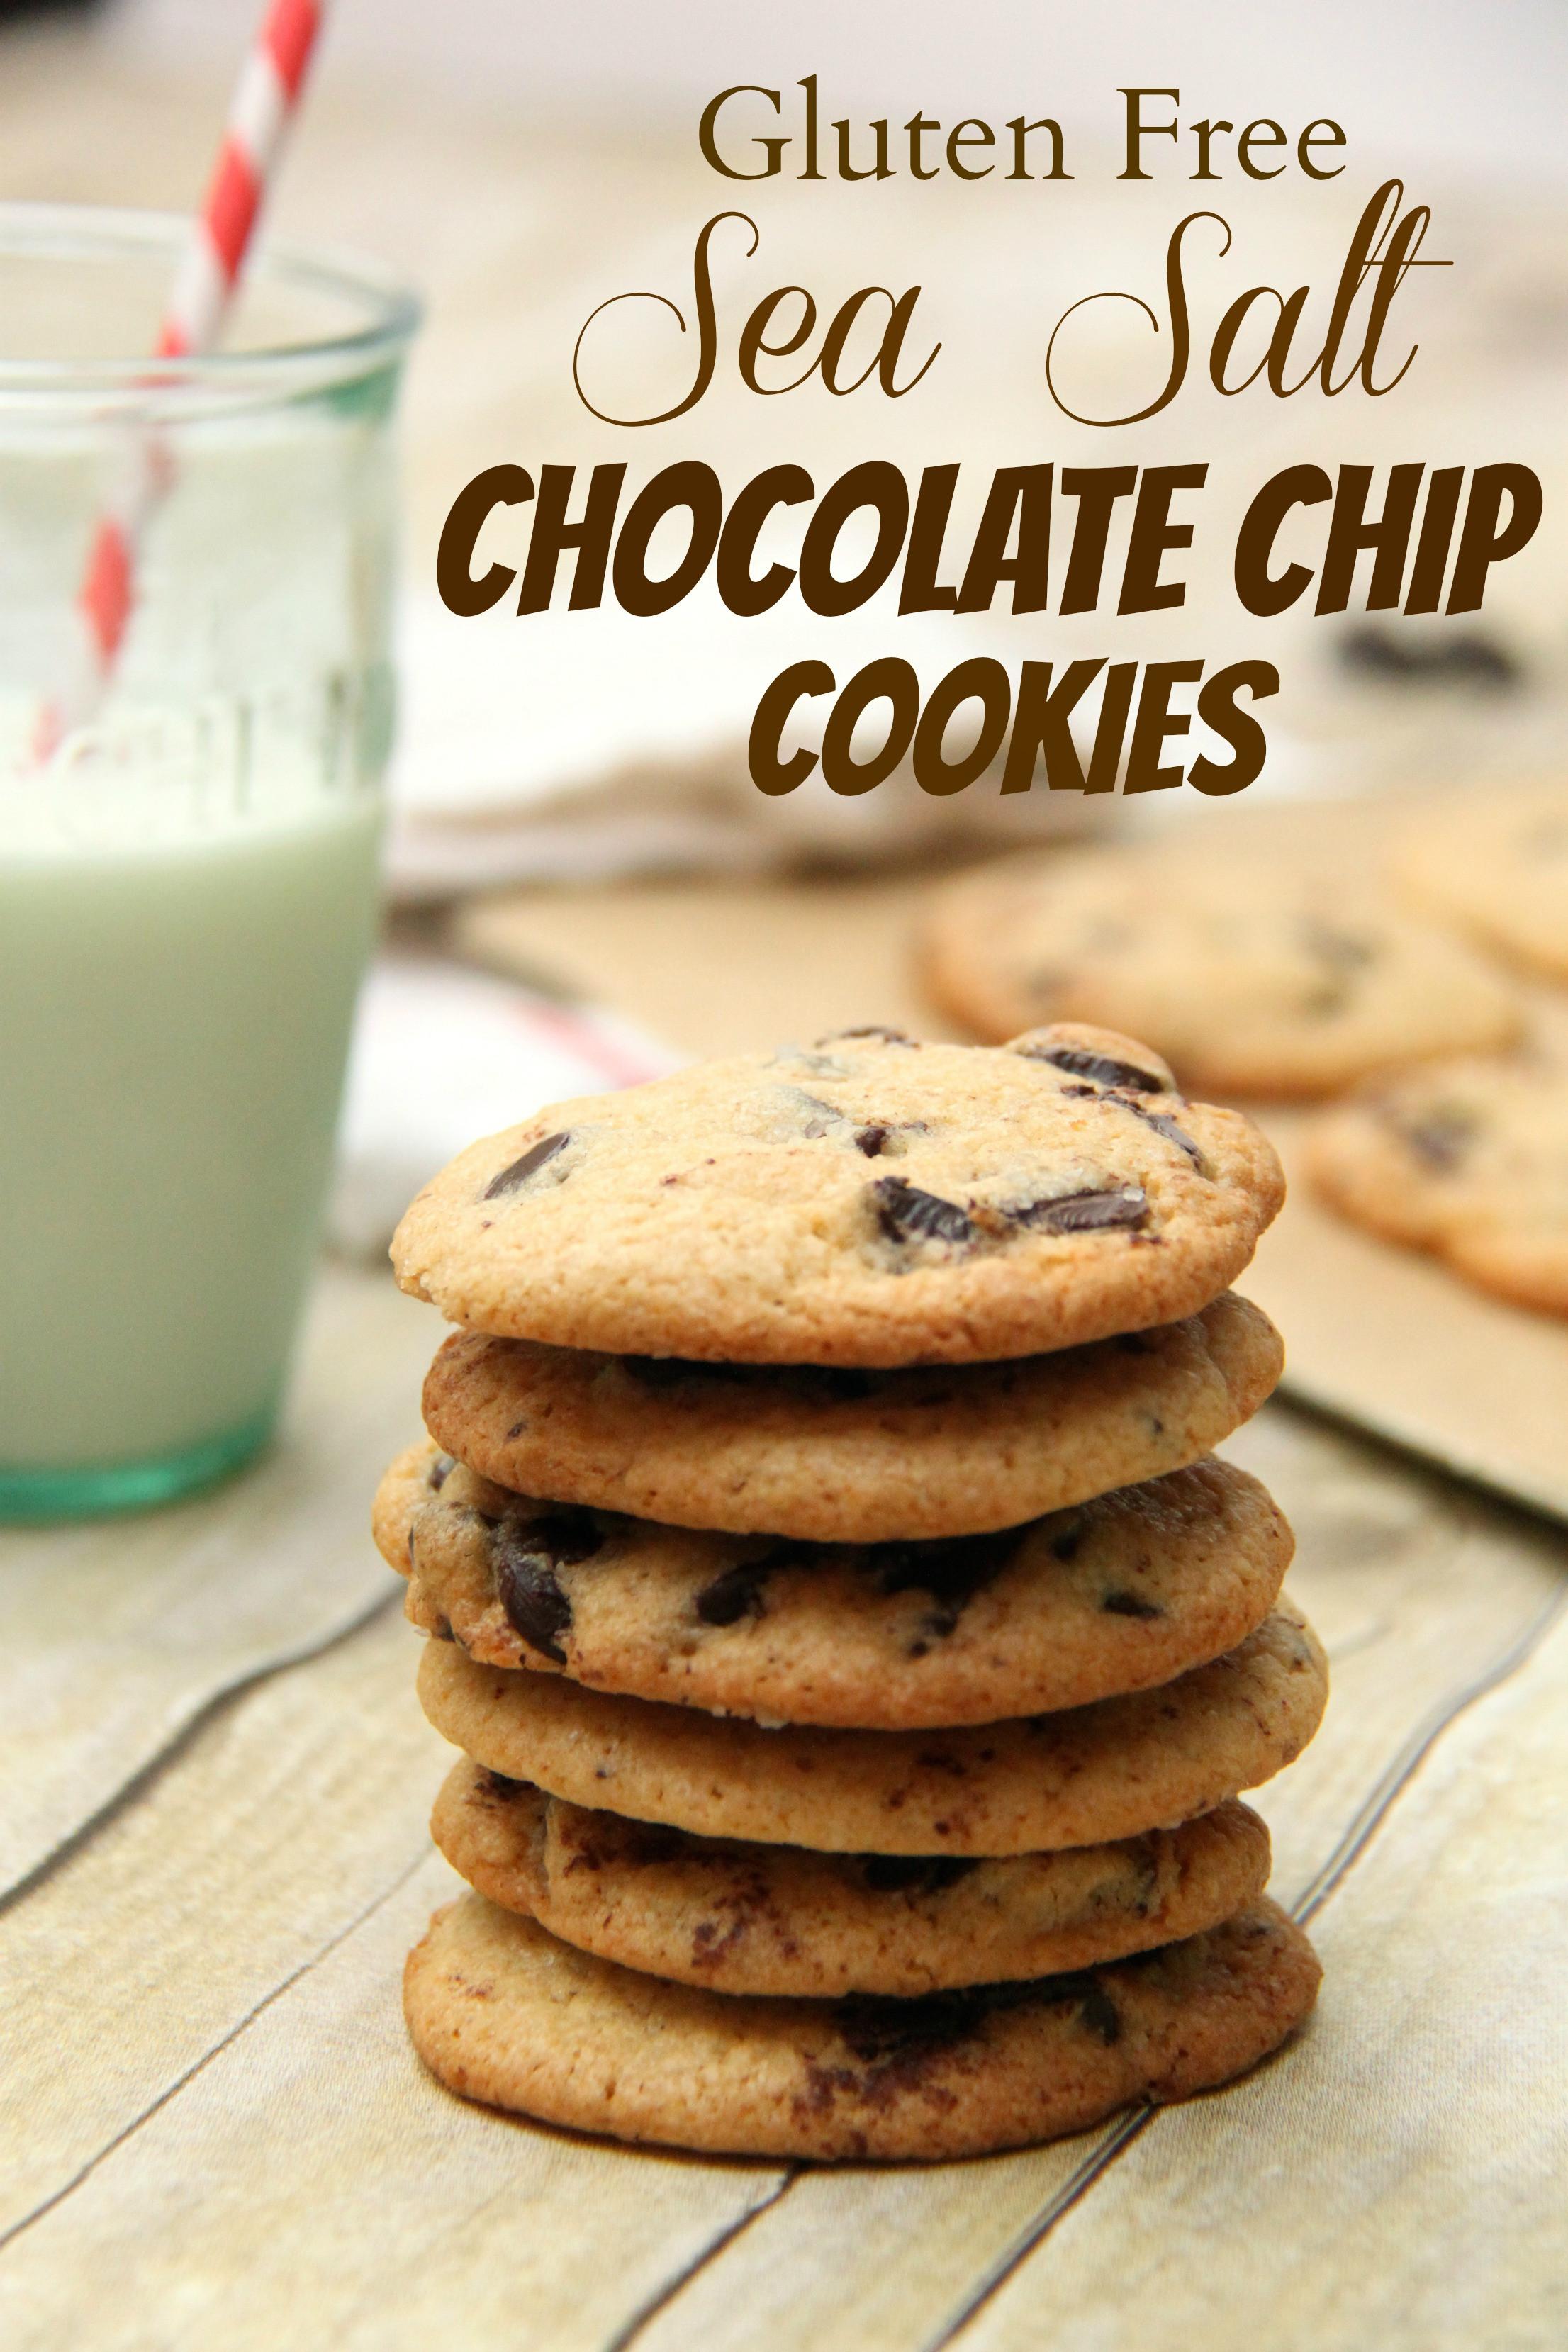 Gluten Free Chocolate Chip Cookies  Gluten Free Sea Salt Chocolate Chip Cookies Smashed Peas